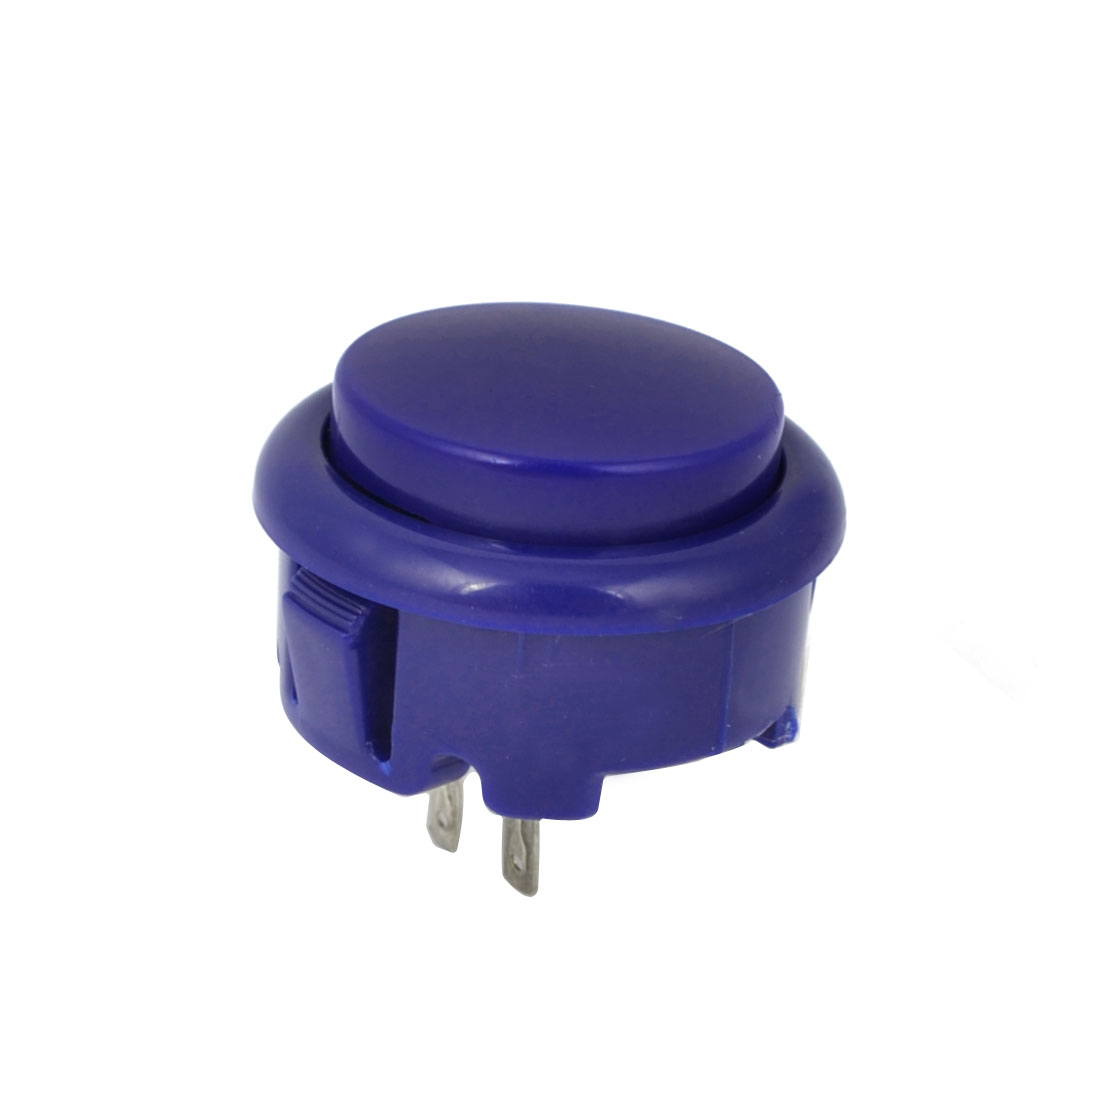 Arcade Games Momentary Push Button 20mm Dia Blue AC 250V 1.5A